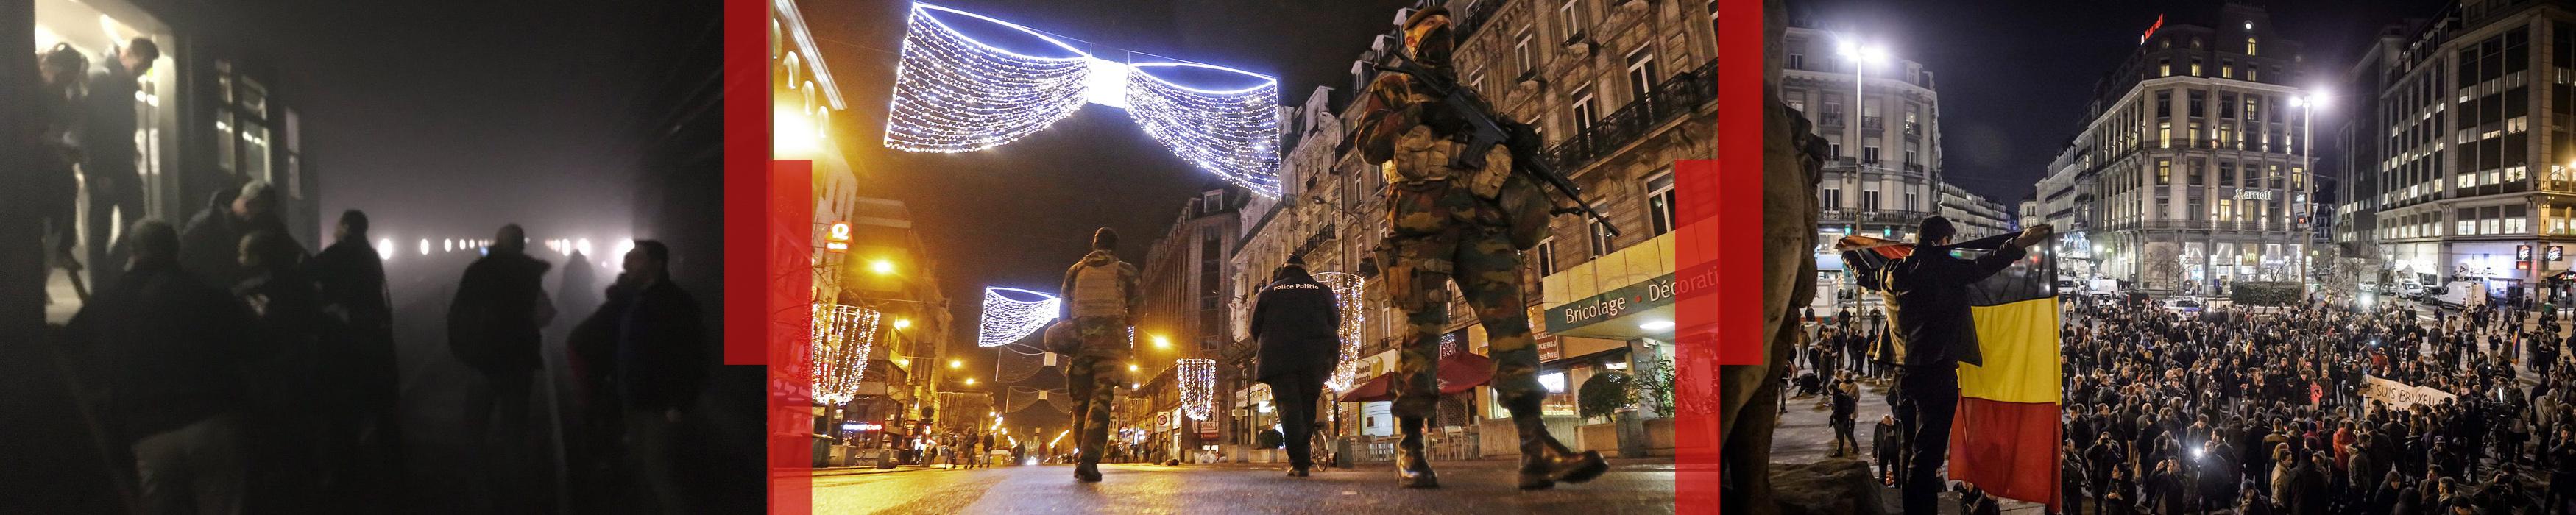 Chasse l 39 homme en belgique qui entre dans trois jours for Piscine zaventem horaire